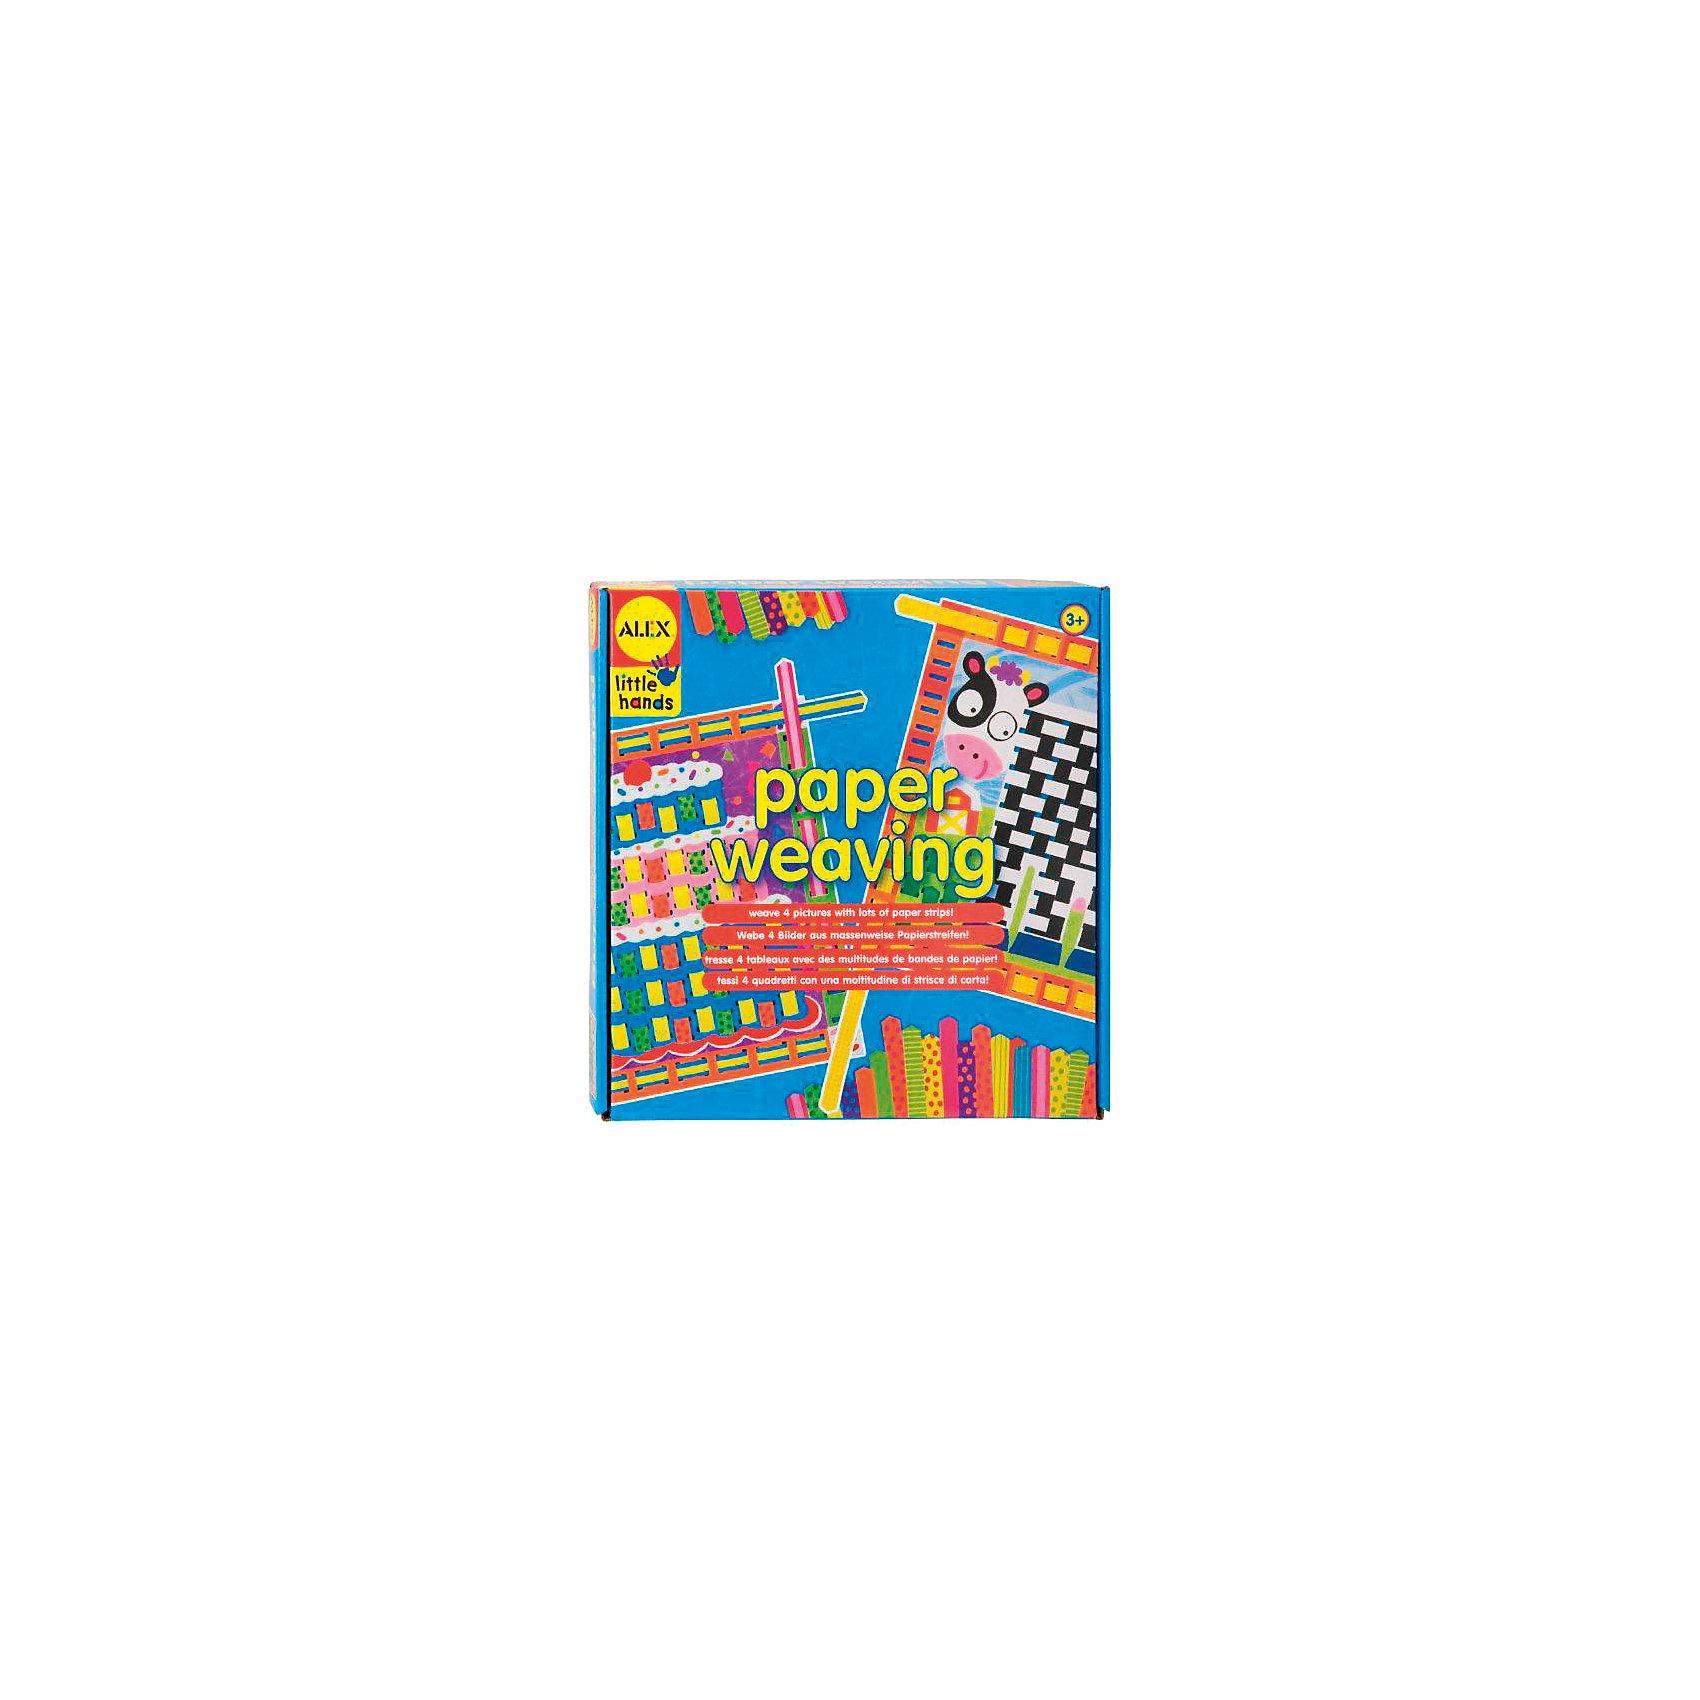 Узорное плетение из бумаги , ALEXРукоделие<br>Создайте 4 необычные плетеные картины. Все очень просто - проденьте цветные бумажные полосы через картину-заготовку. В наборе: 4 картины-заготовки с нанесенным на них ярким рисунком, много разноцветных полос из бумаги и простая инструкция. Для детей от 3х лет.<br><br>Ширина мм: 56<br>Глубина мм: 29<br>Высота мм: 35<br>Вес г: 272<br>Возраст от месяцев: 36<br>Возраст до месяцев: 1152<br>Пол: Унисекс<br>Возраст: Детский<br>SKU: 2148522